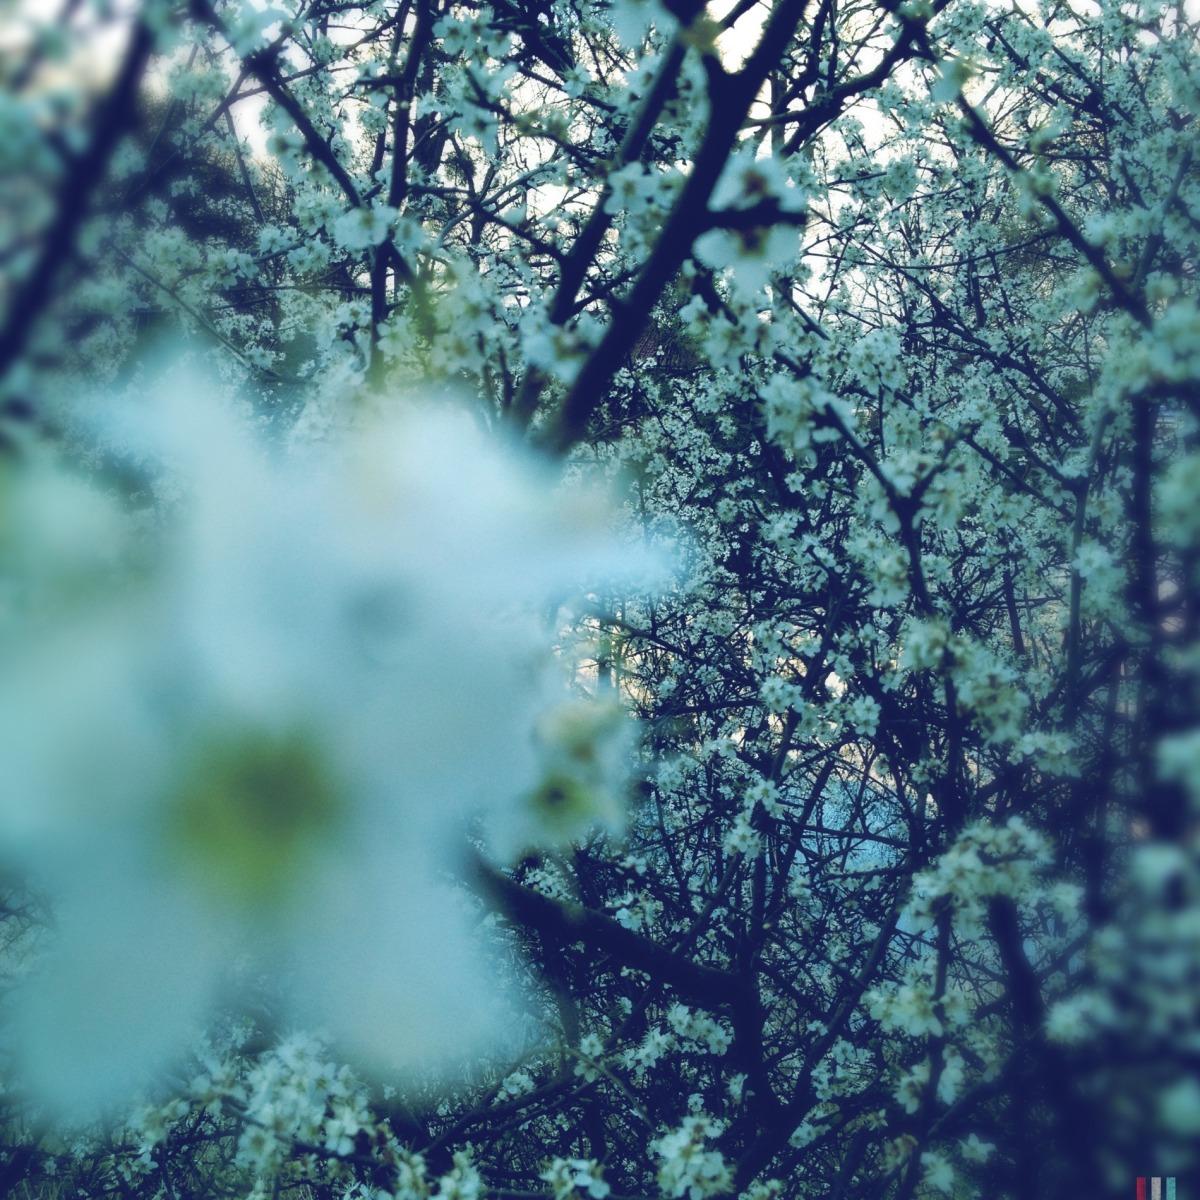 2012-04-19 at 19-33-18, nature.jpg